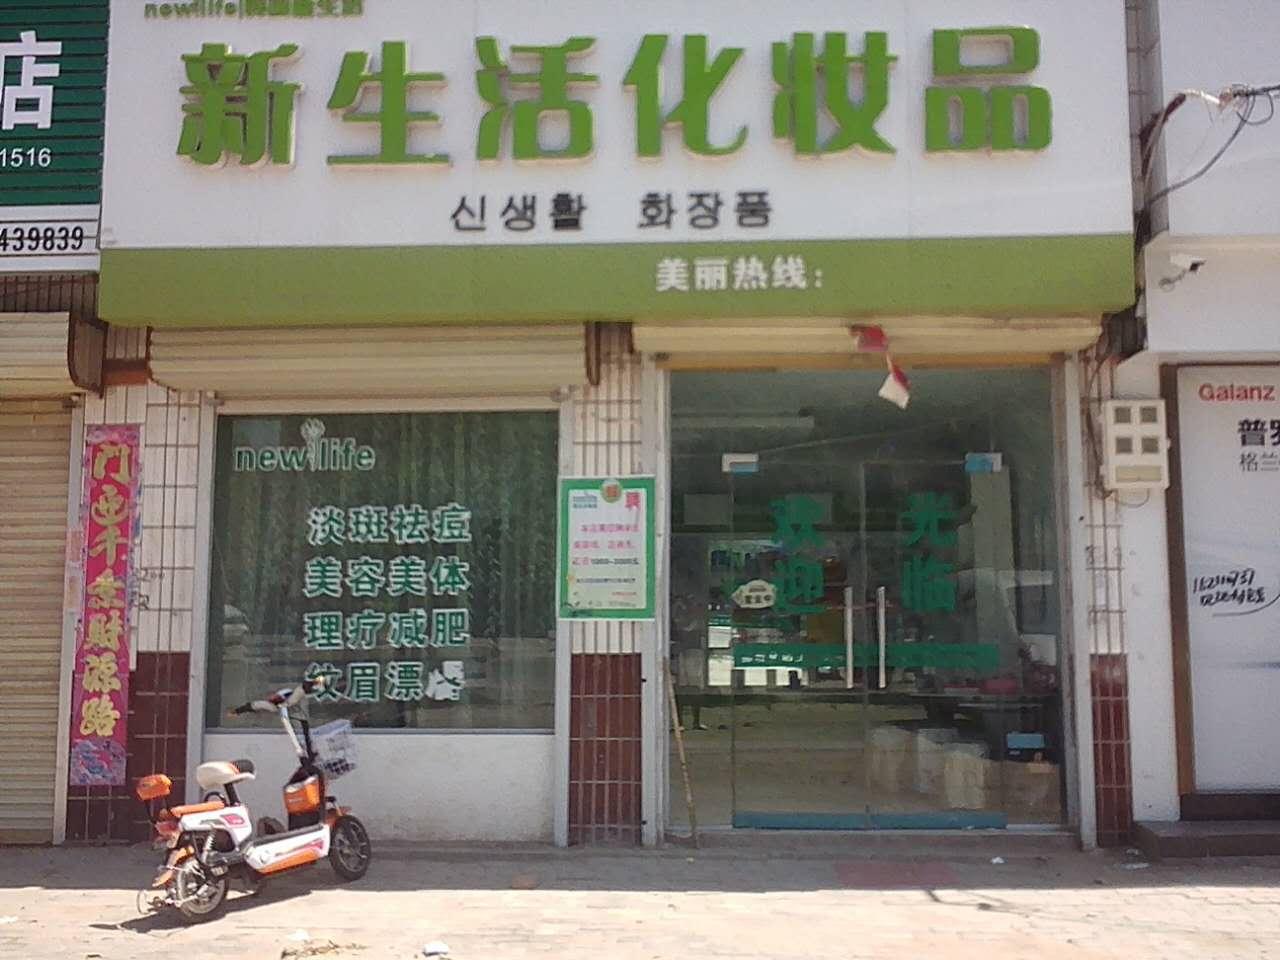 张佳佳/韩国新生活化妆品连锁店